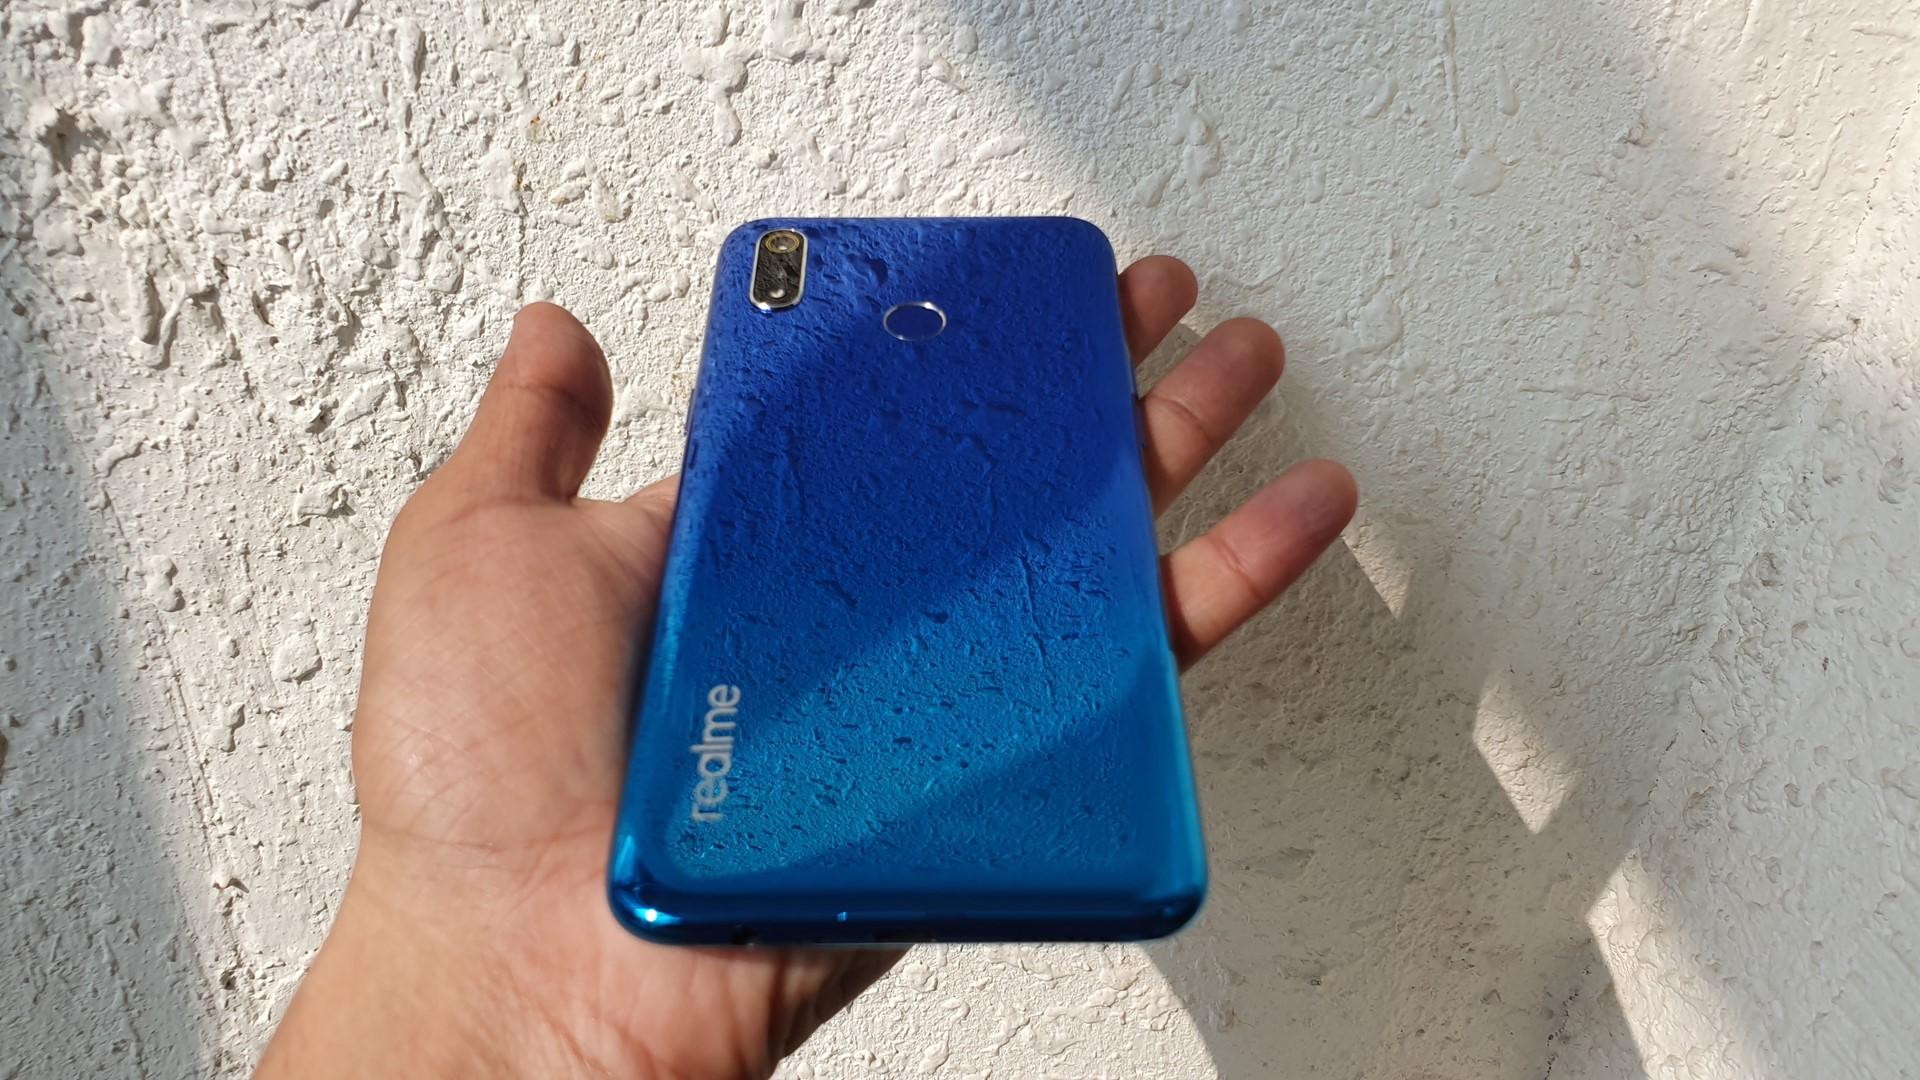 Realme 3 Pro मध्ये 6.3 इंचाचा HD + ड्युड्रॉप डिस्प्ले आणि रॅम 6GB असून, तो अत्याधुनिक Android 9.0 Pie या प्रणालीवर काम करतो अशीही माहिती आहे.